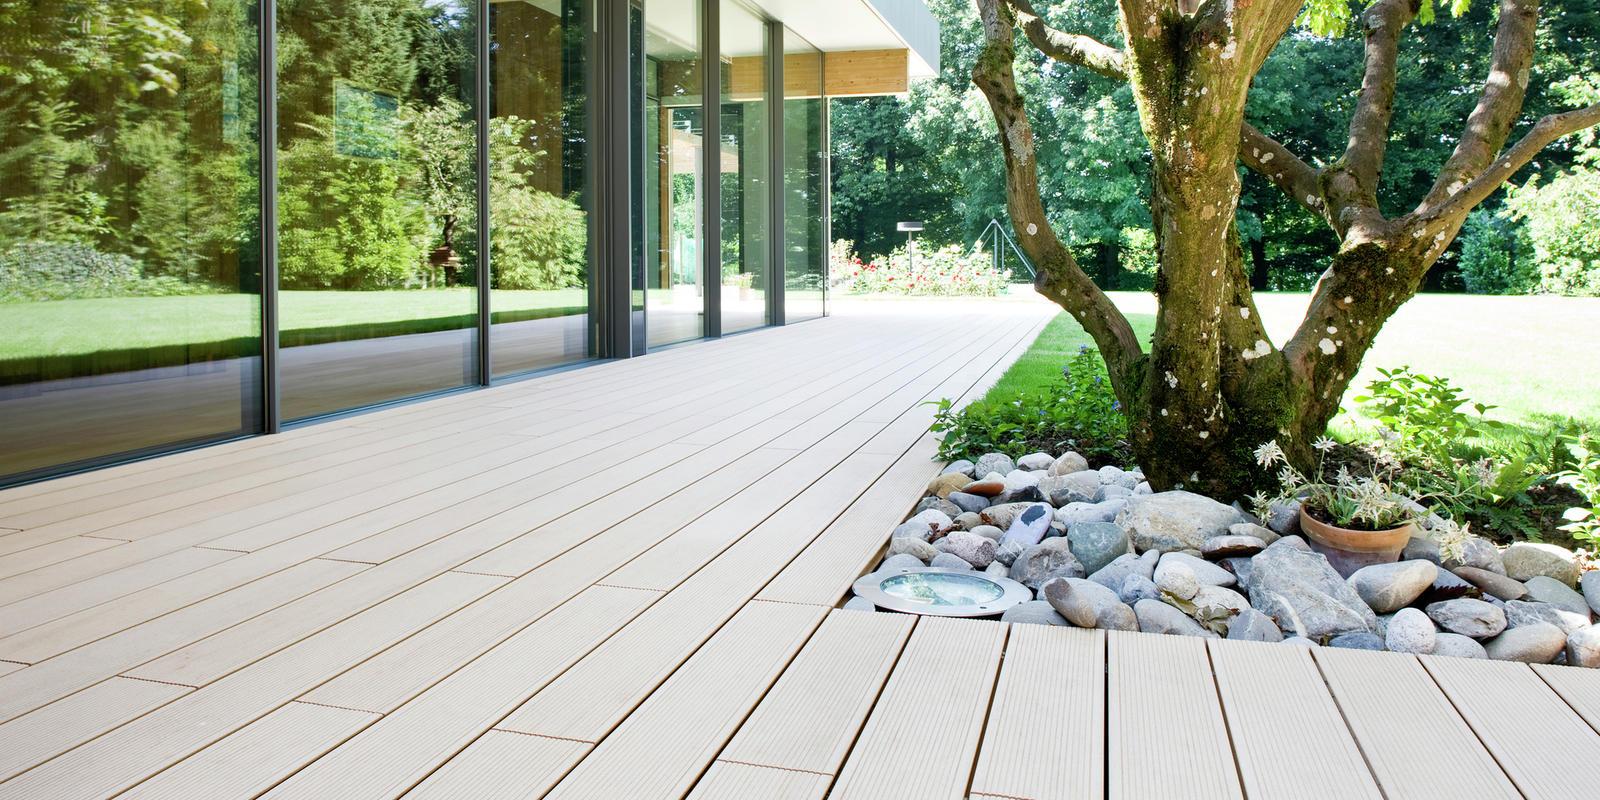 houten terras aanleggen kosten